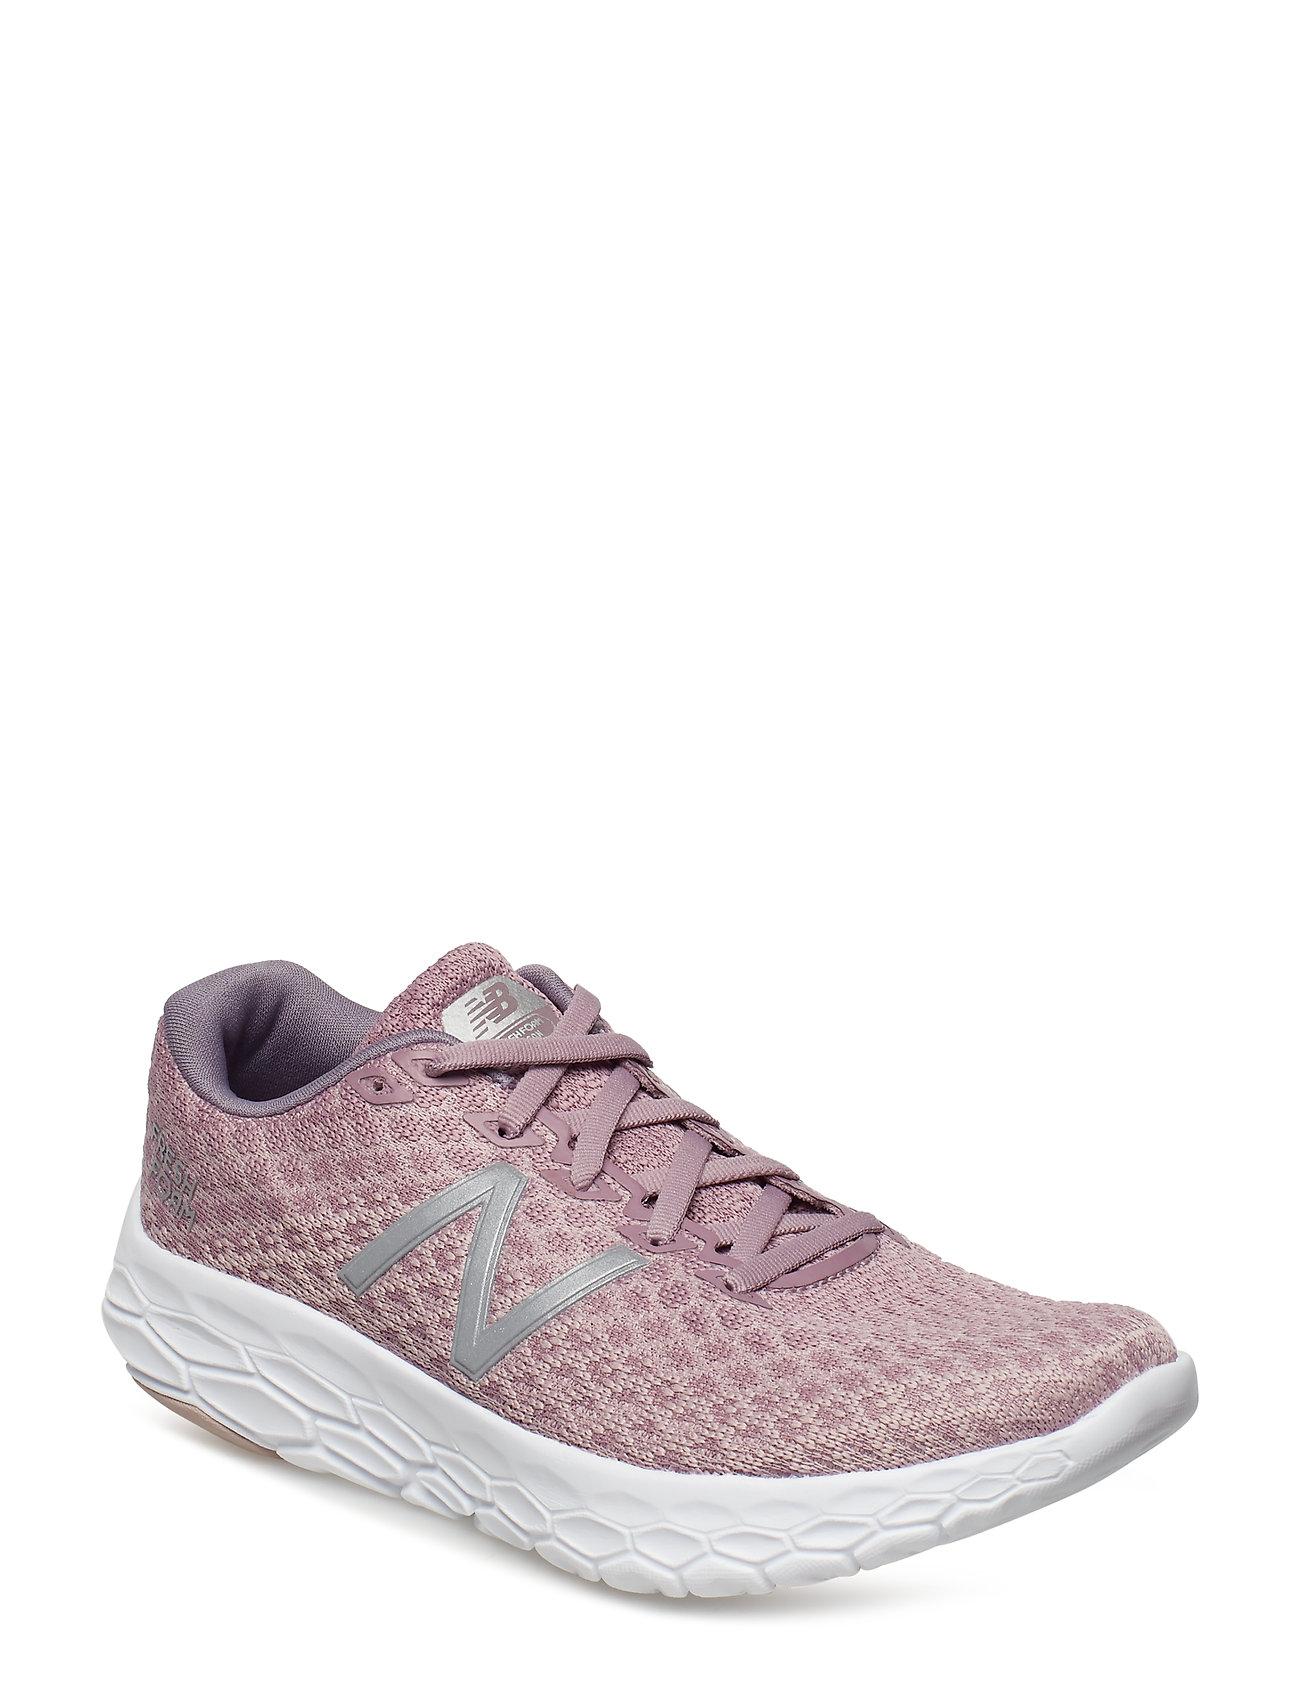 NEW BALANCE Wbeaconv1 Running Ff Becn Shoes Sport Shoes Running Shoes Pink NEW BALANCE